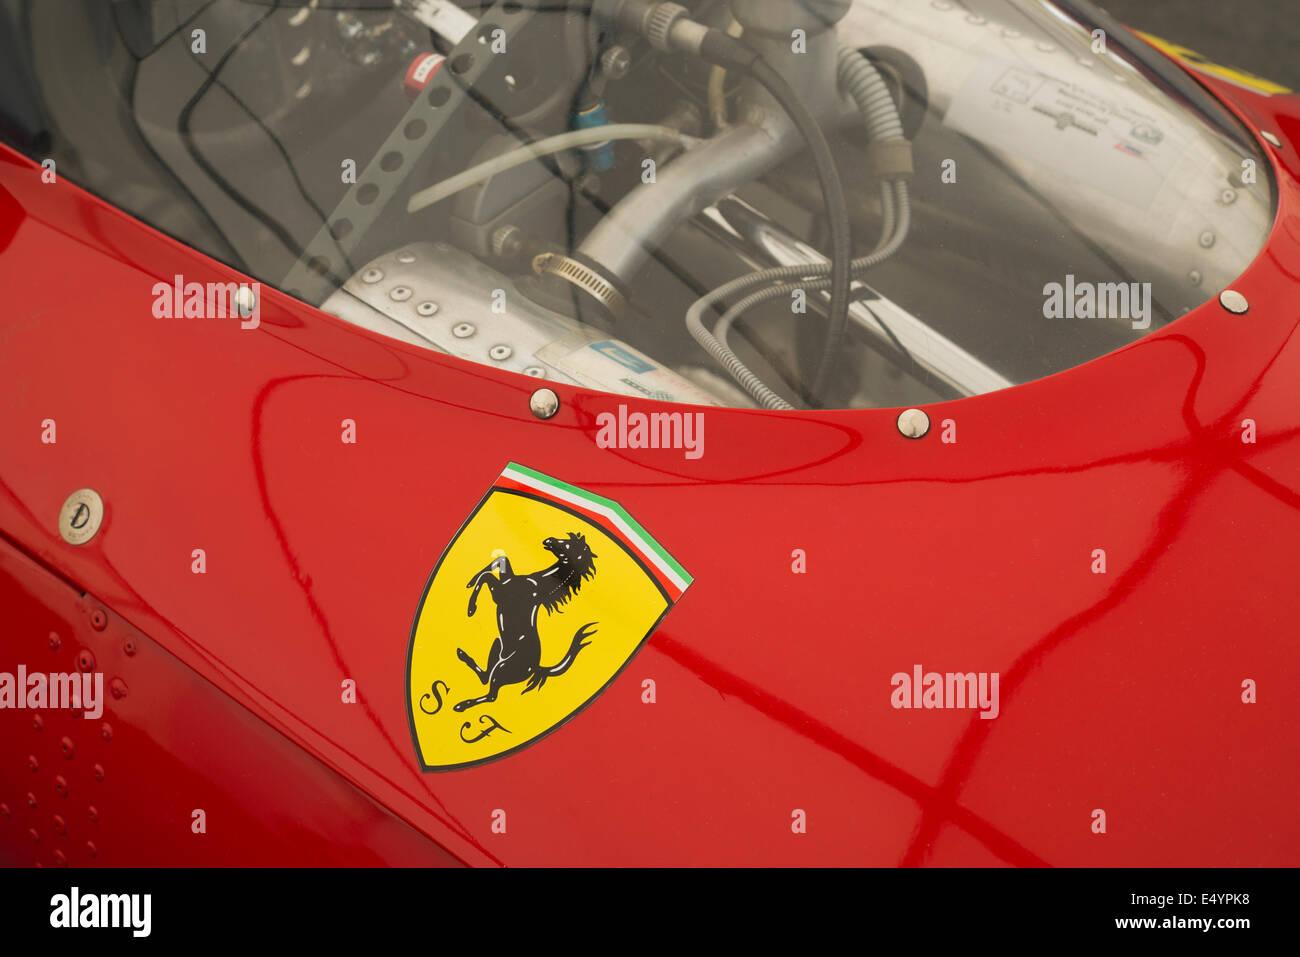 Ferrari tänzelnden Pferd Logo auf einem roten Rennwagen Stockbild